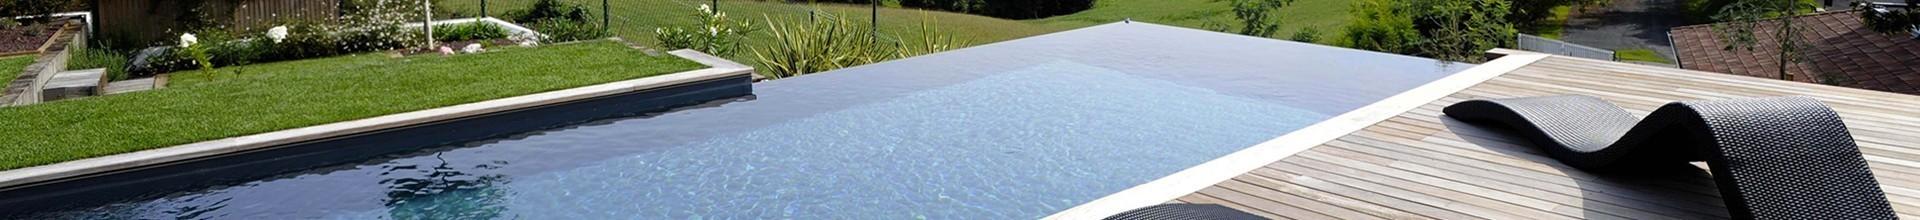 ✅ Rhône Alpes Kit piscine béton Loire. Fabricant d'une piscine